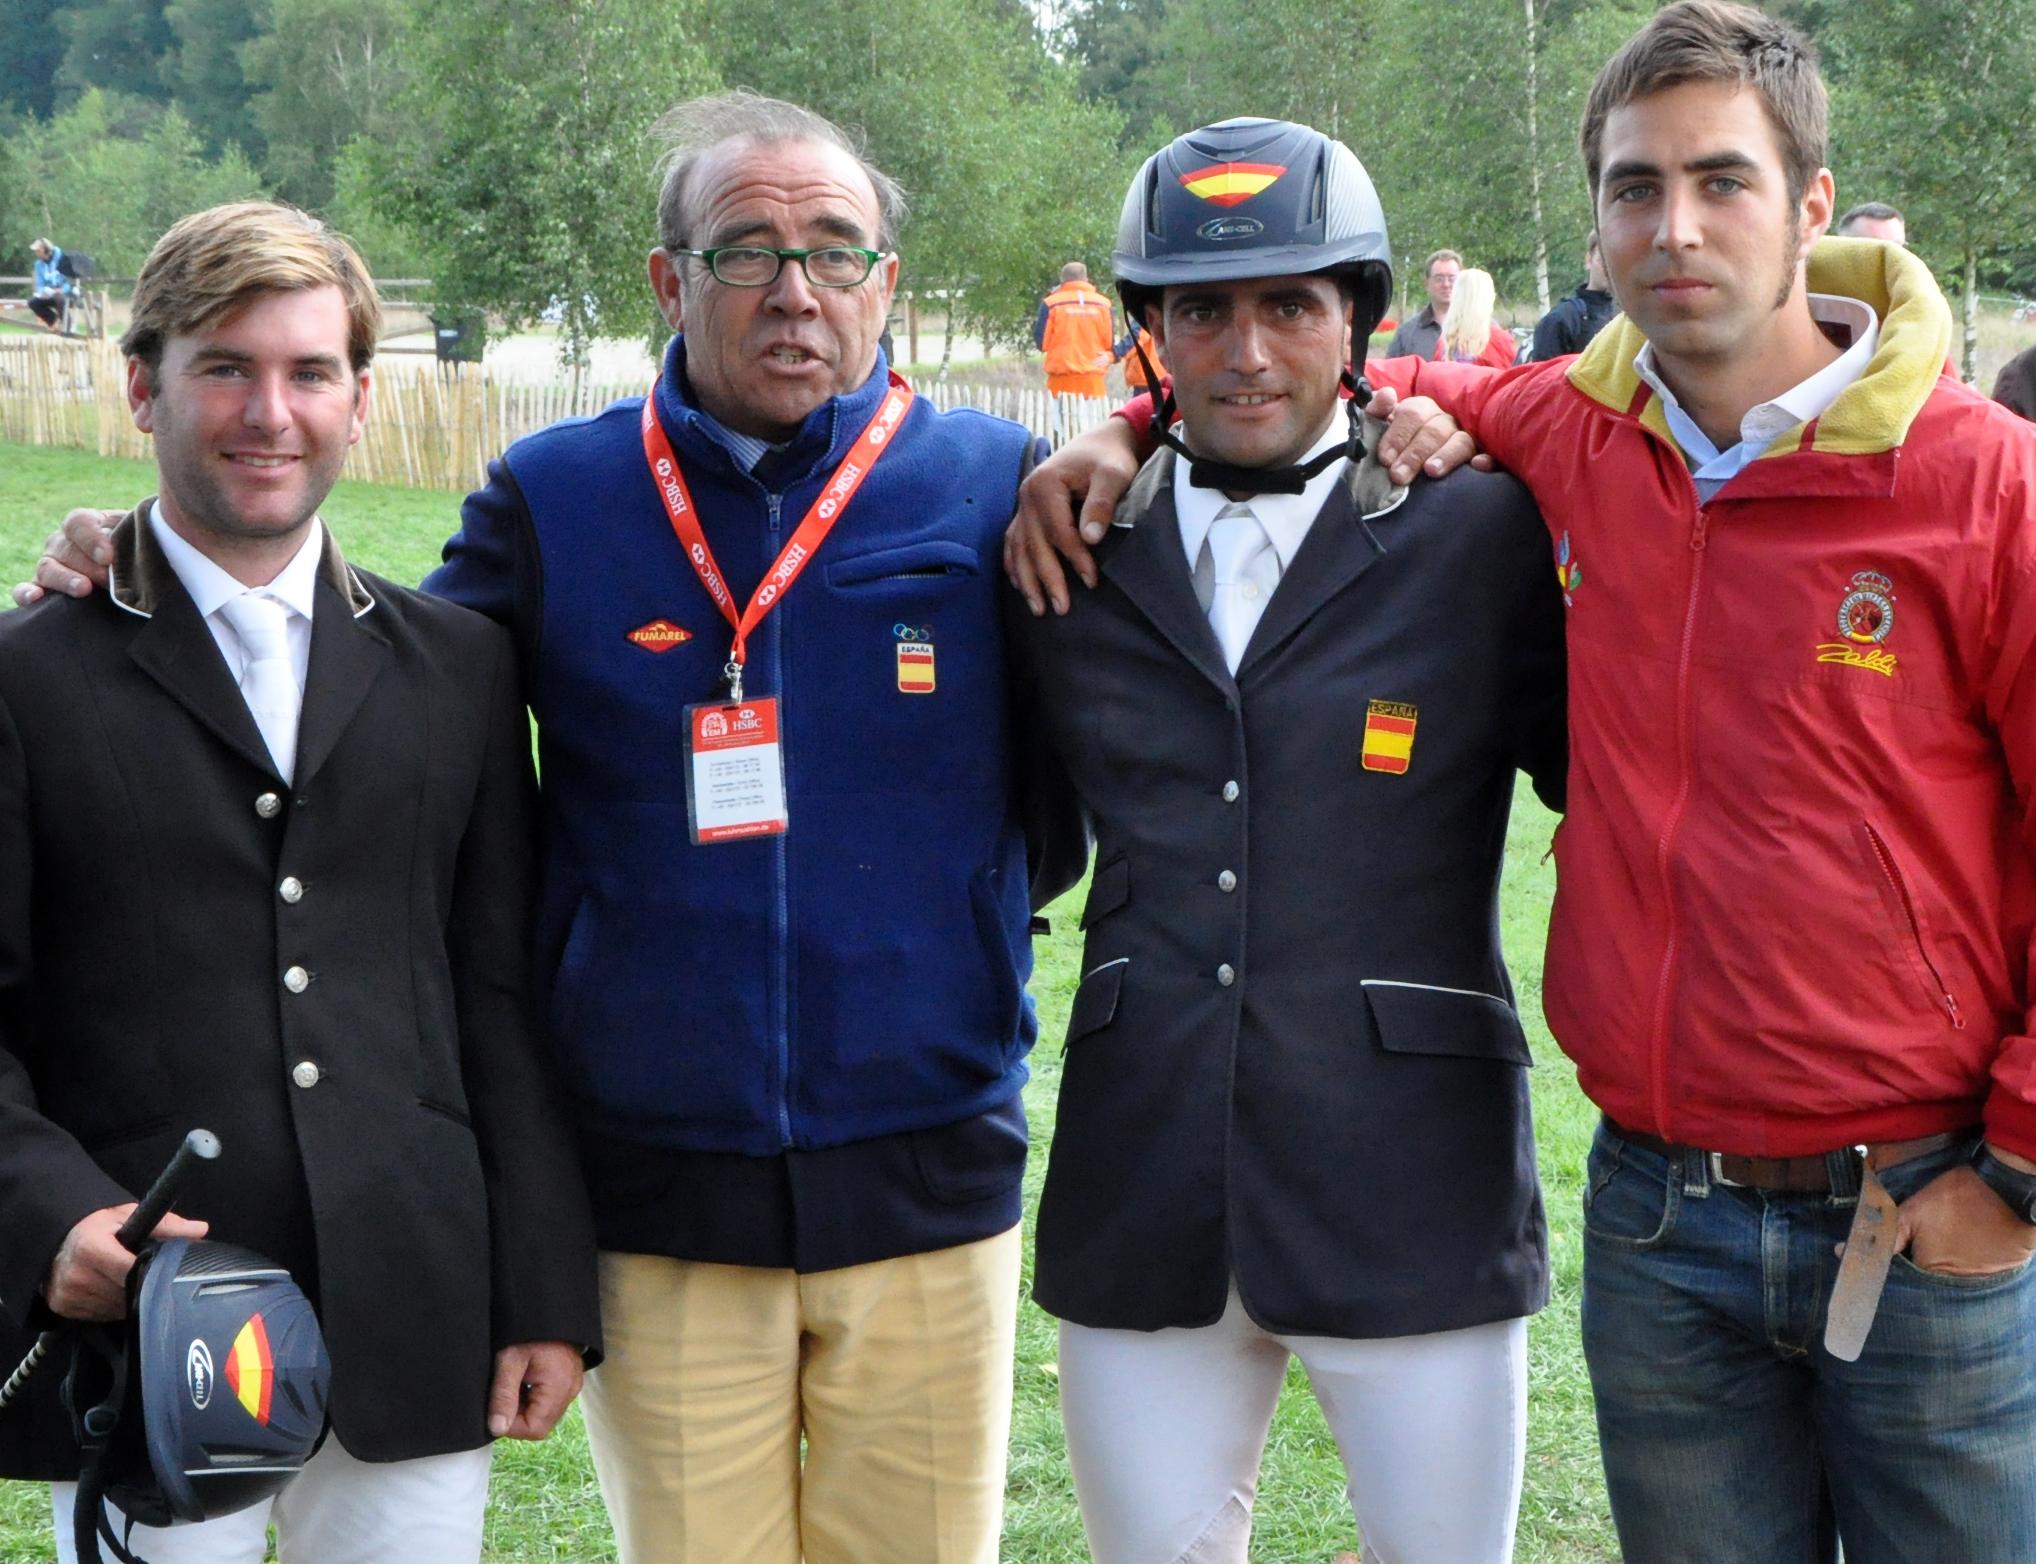 C. Díaz, J. M. Pérez Arroyo, A. Hermoso y M. Senra en el Campeonato de Europa 2011